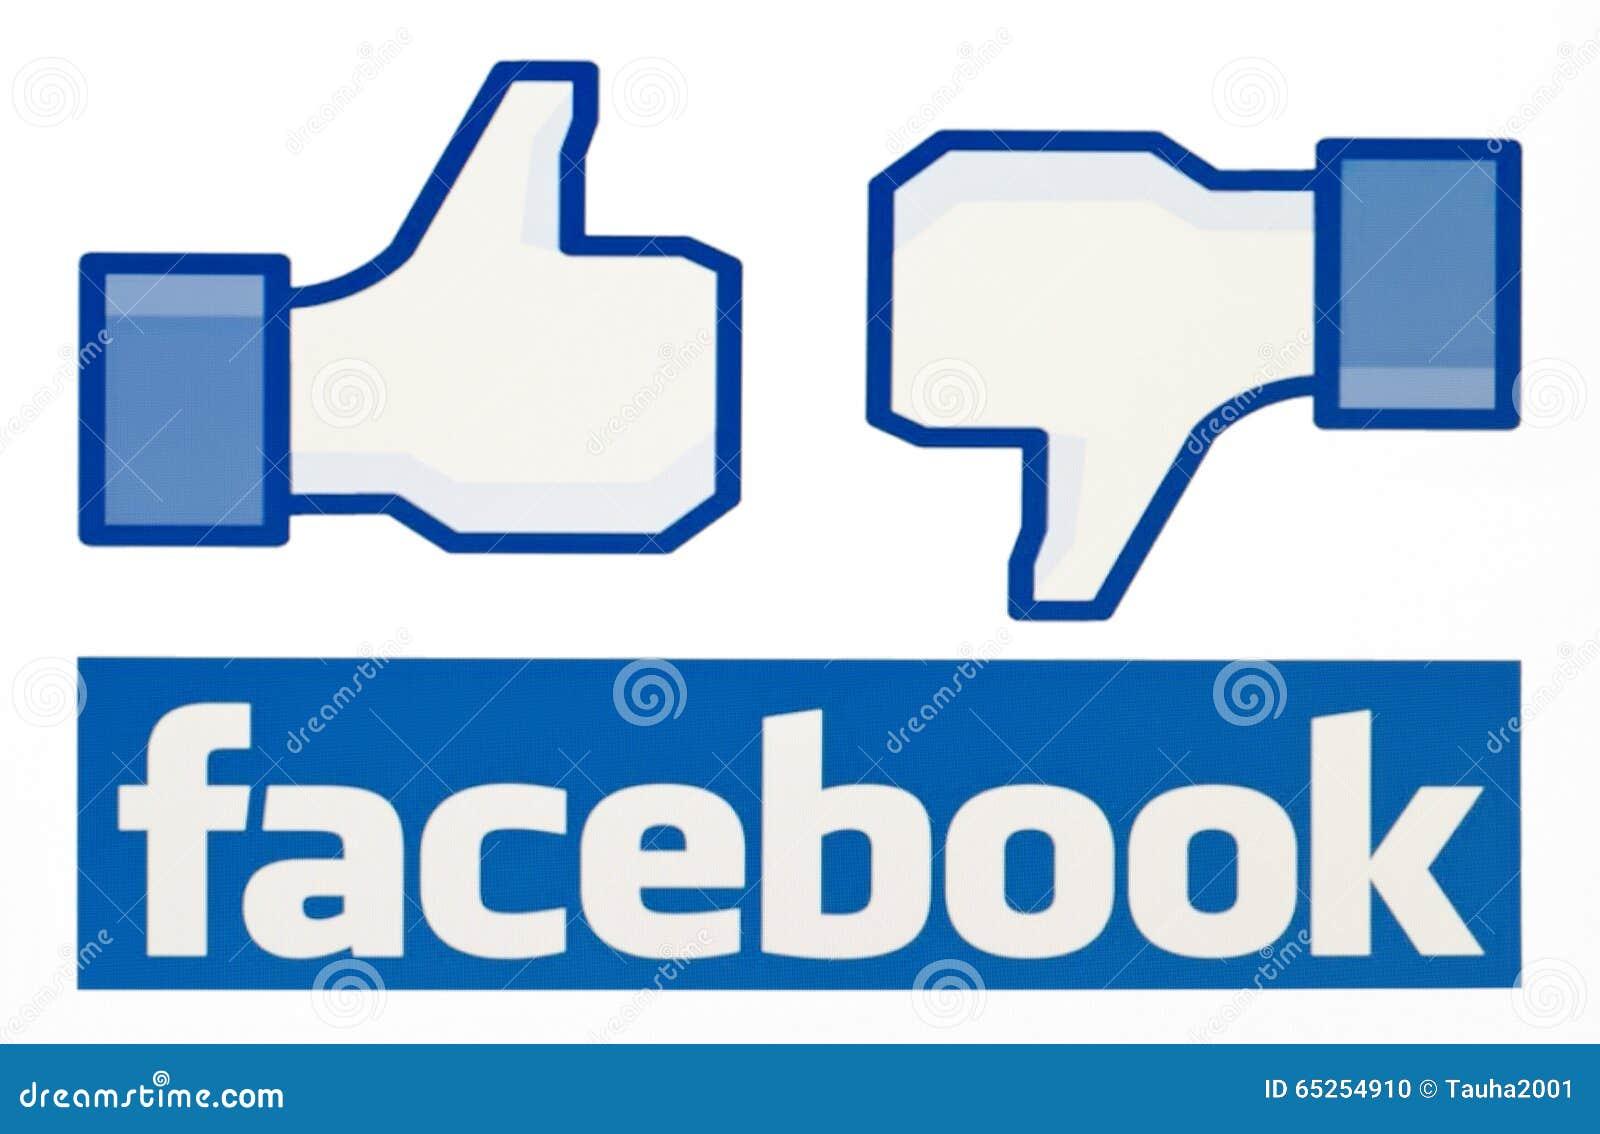 Facebook zoals embleem voor e-business, websites, mobiele toepassingen, banners, op PC-het scherm